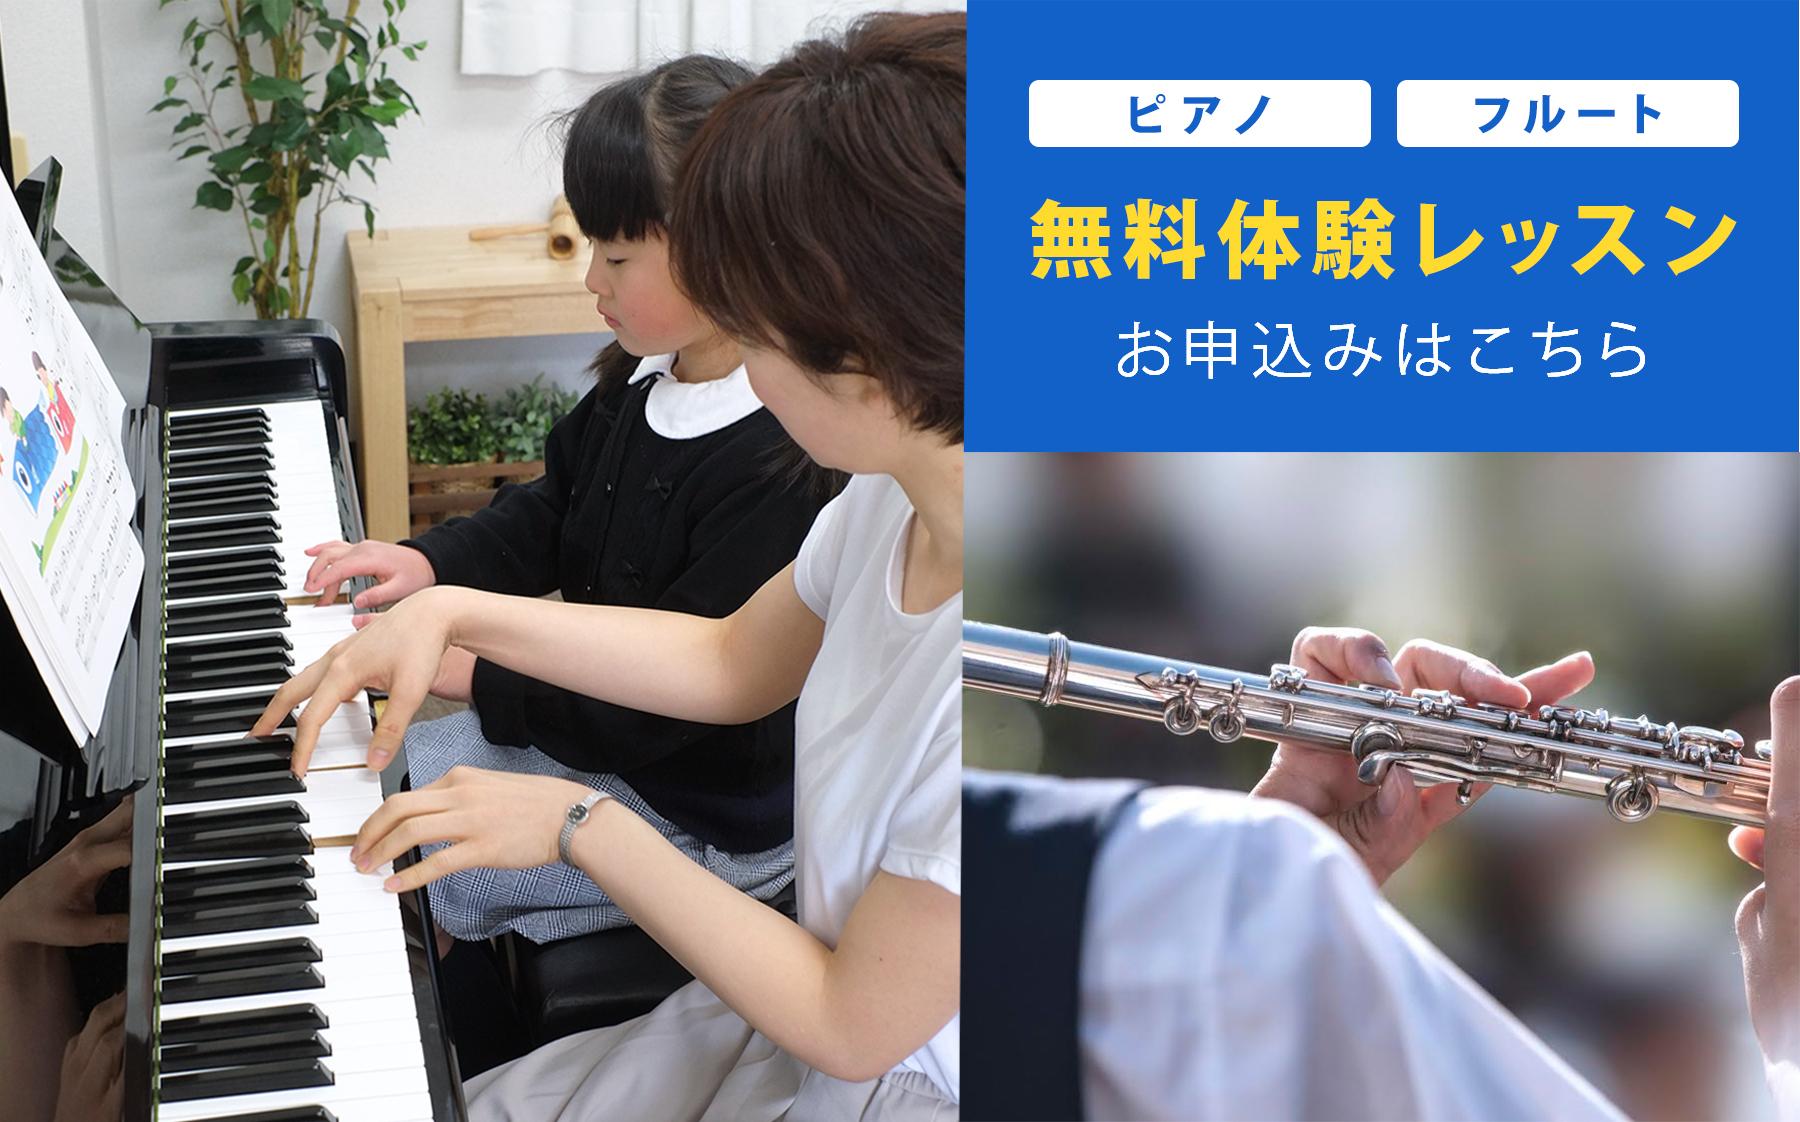 船橋 ピアノ 教室